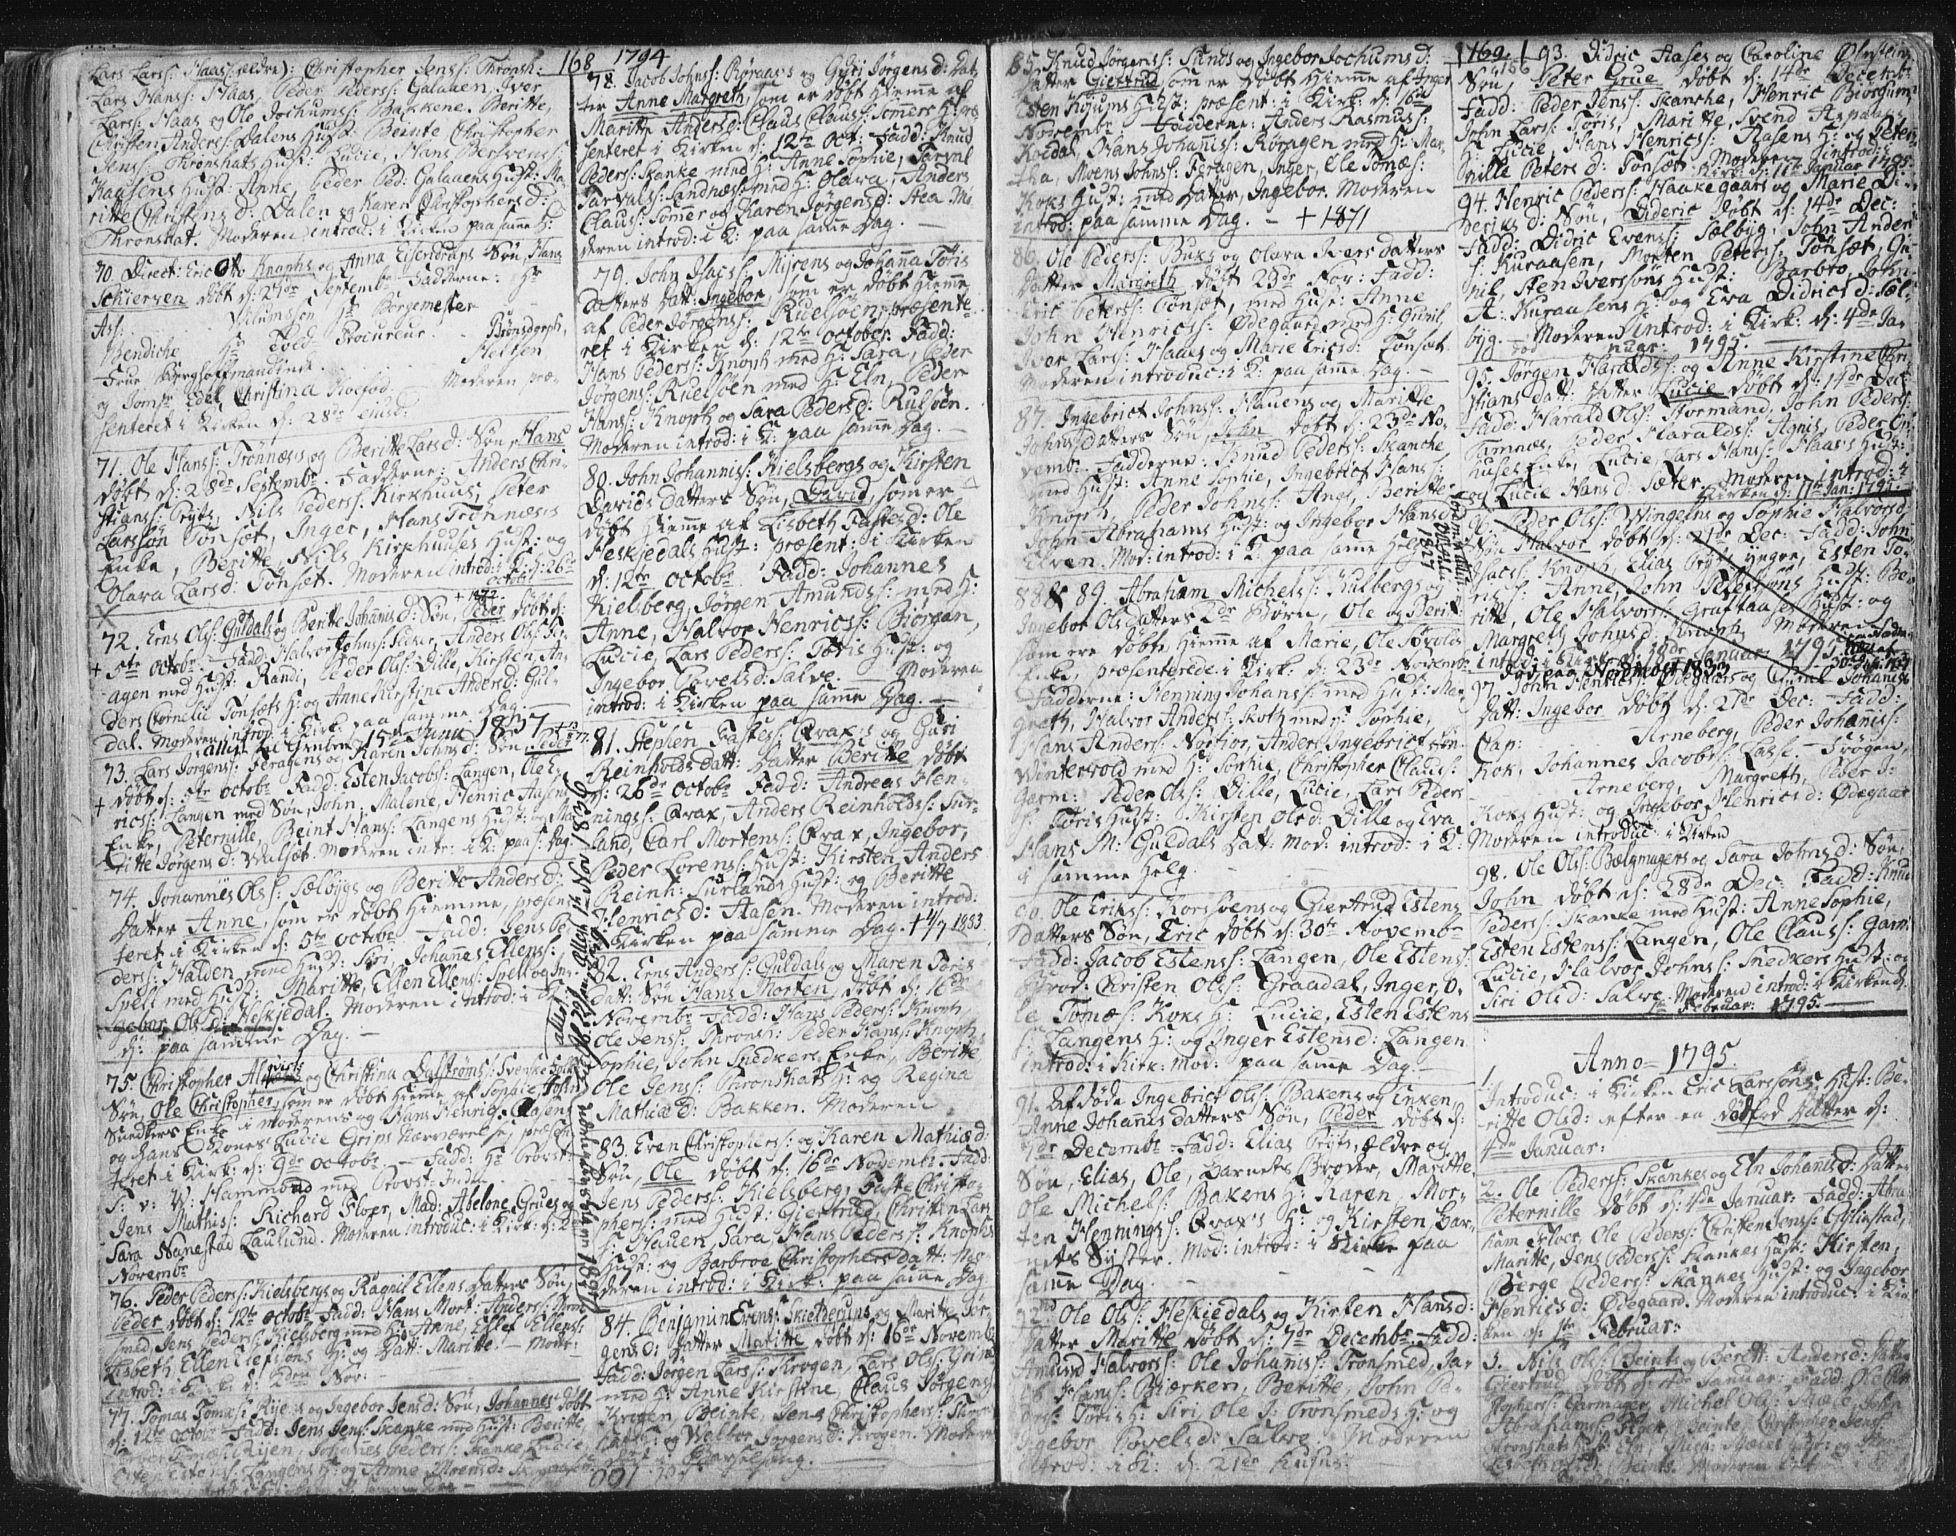 SAT, Ministerialprotokoller, klokkerbøker og fødselsregistre - Sør-Trøndelag, 681/L0926: Ministerialbok nr. 681A04, 1767-1797, s. 156